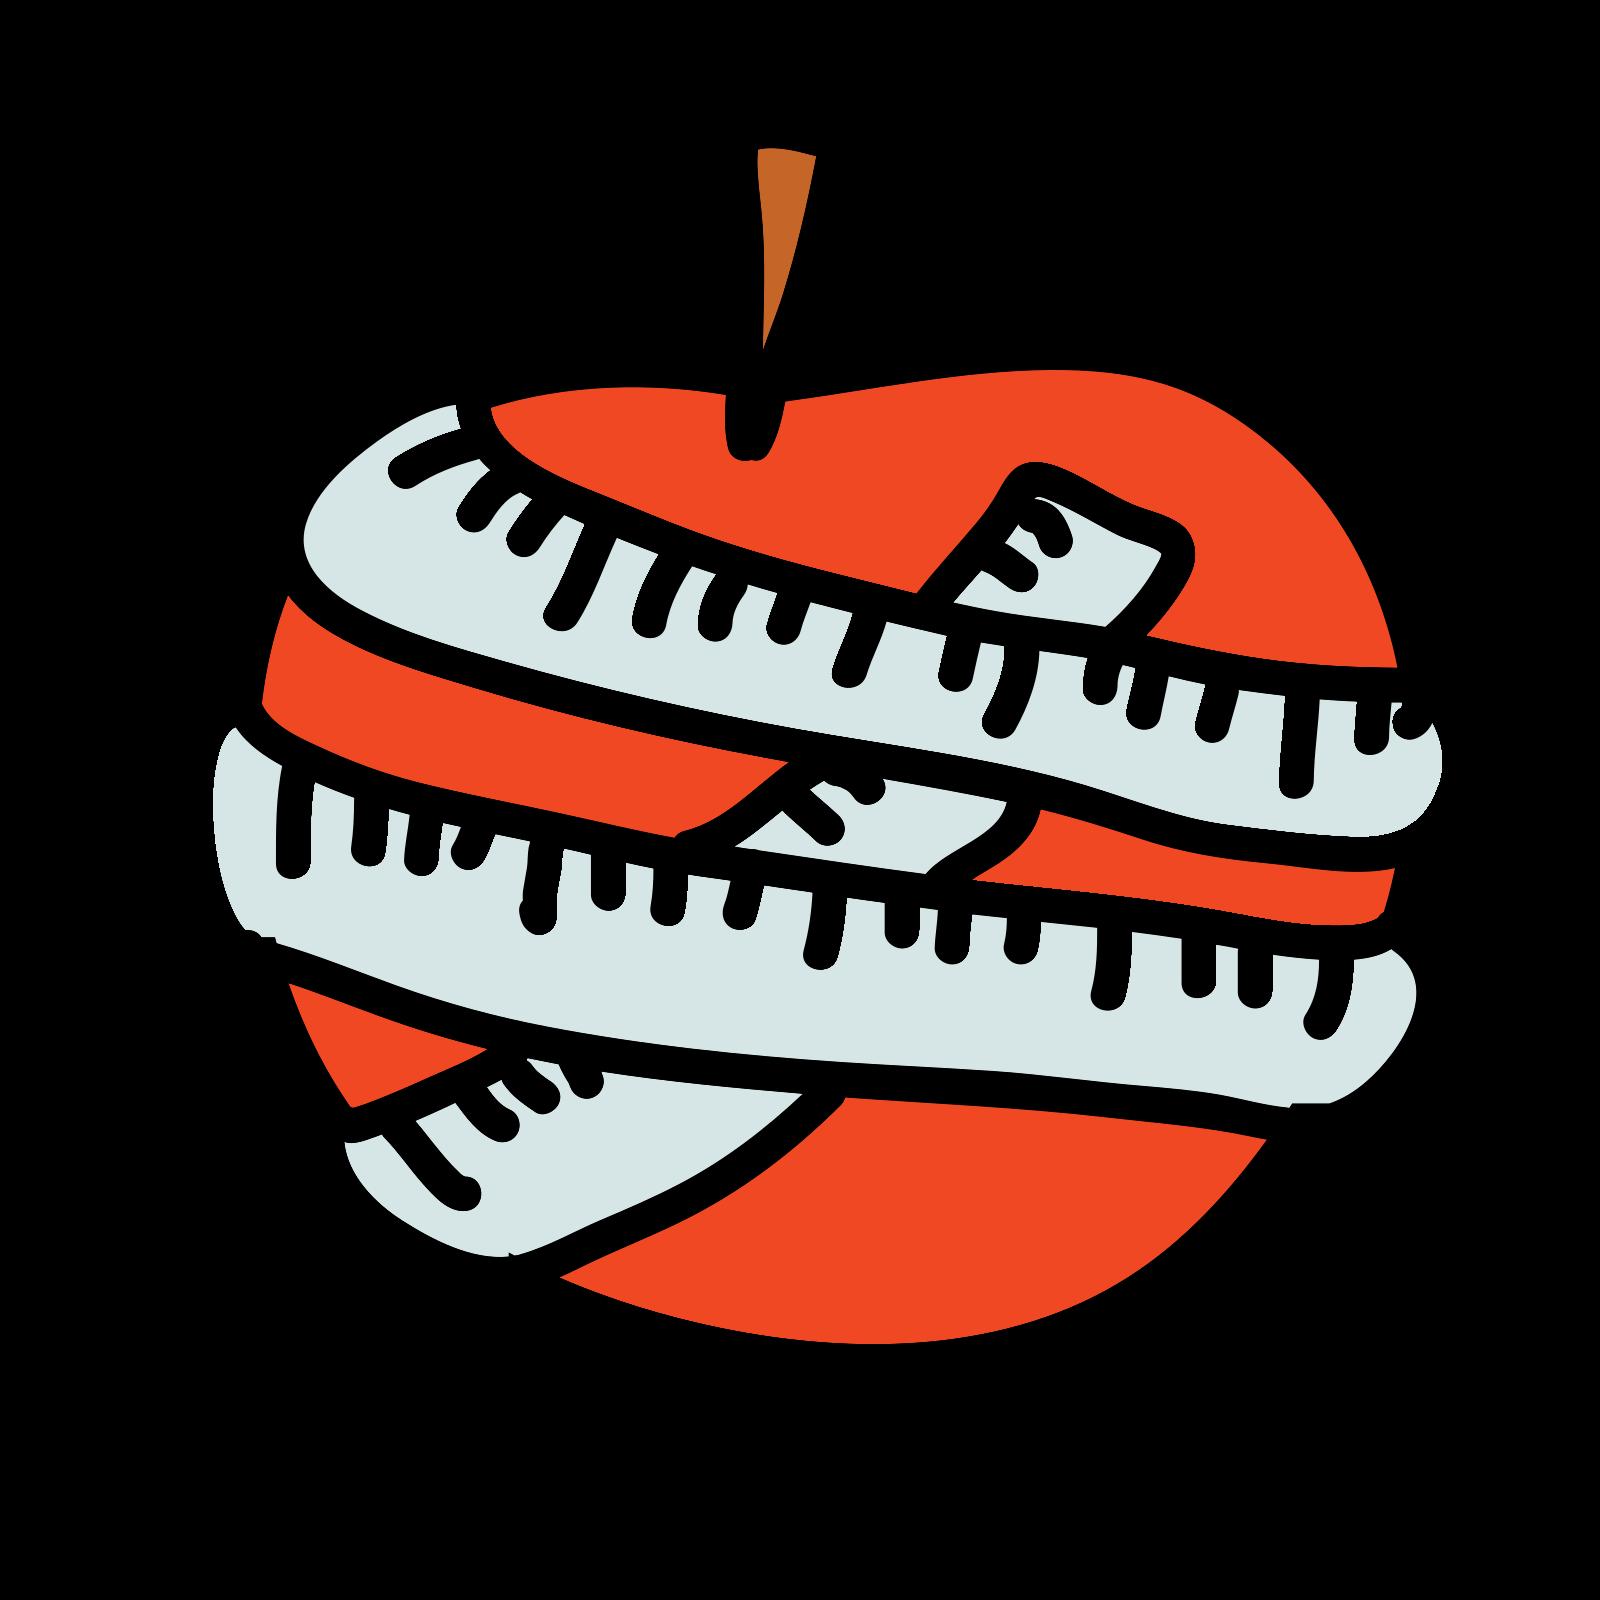 Body Measurements icon